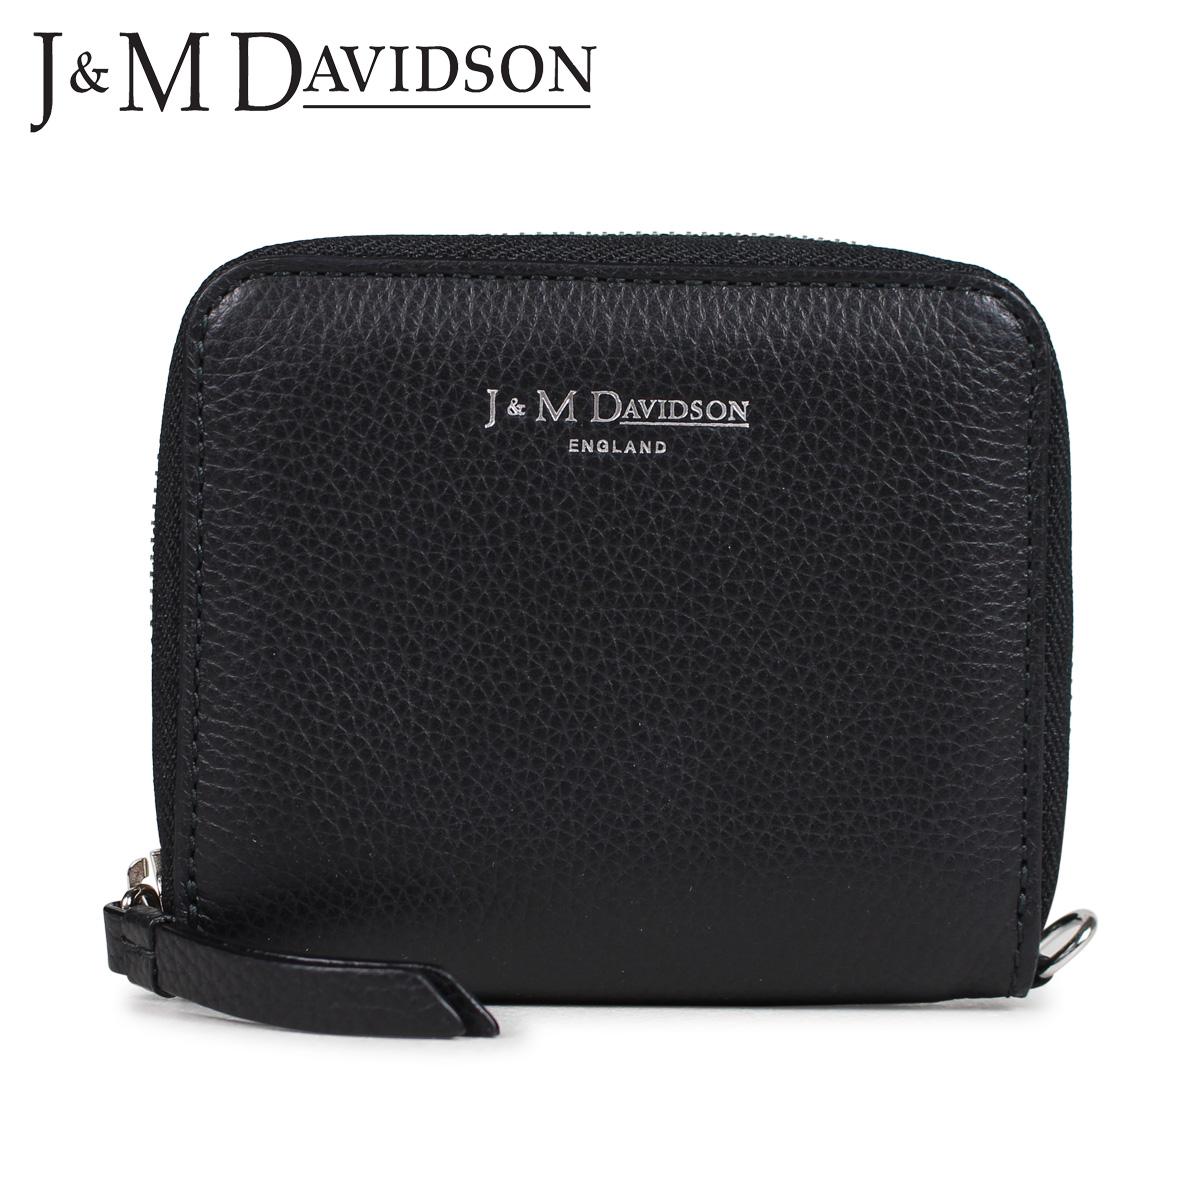 J&M DAVIDSON SQUARE ZIP WALLET ジェイアンドエムデヴィッドソン 財布 二つ折り レディース ラウンドファスナー レザー ブラック 黒 10186N-7470